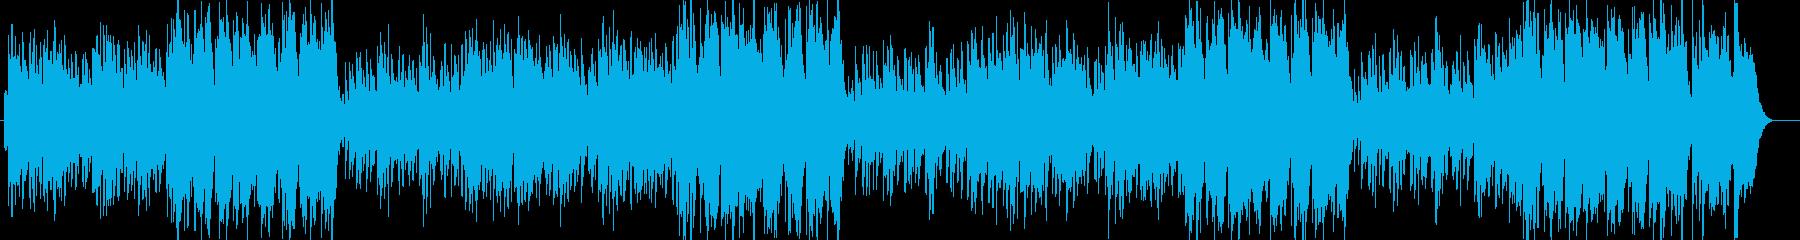 優しいシンセのヒーリングミュージックの再生済みの波形